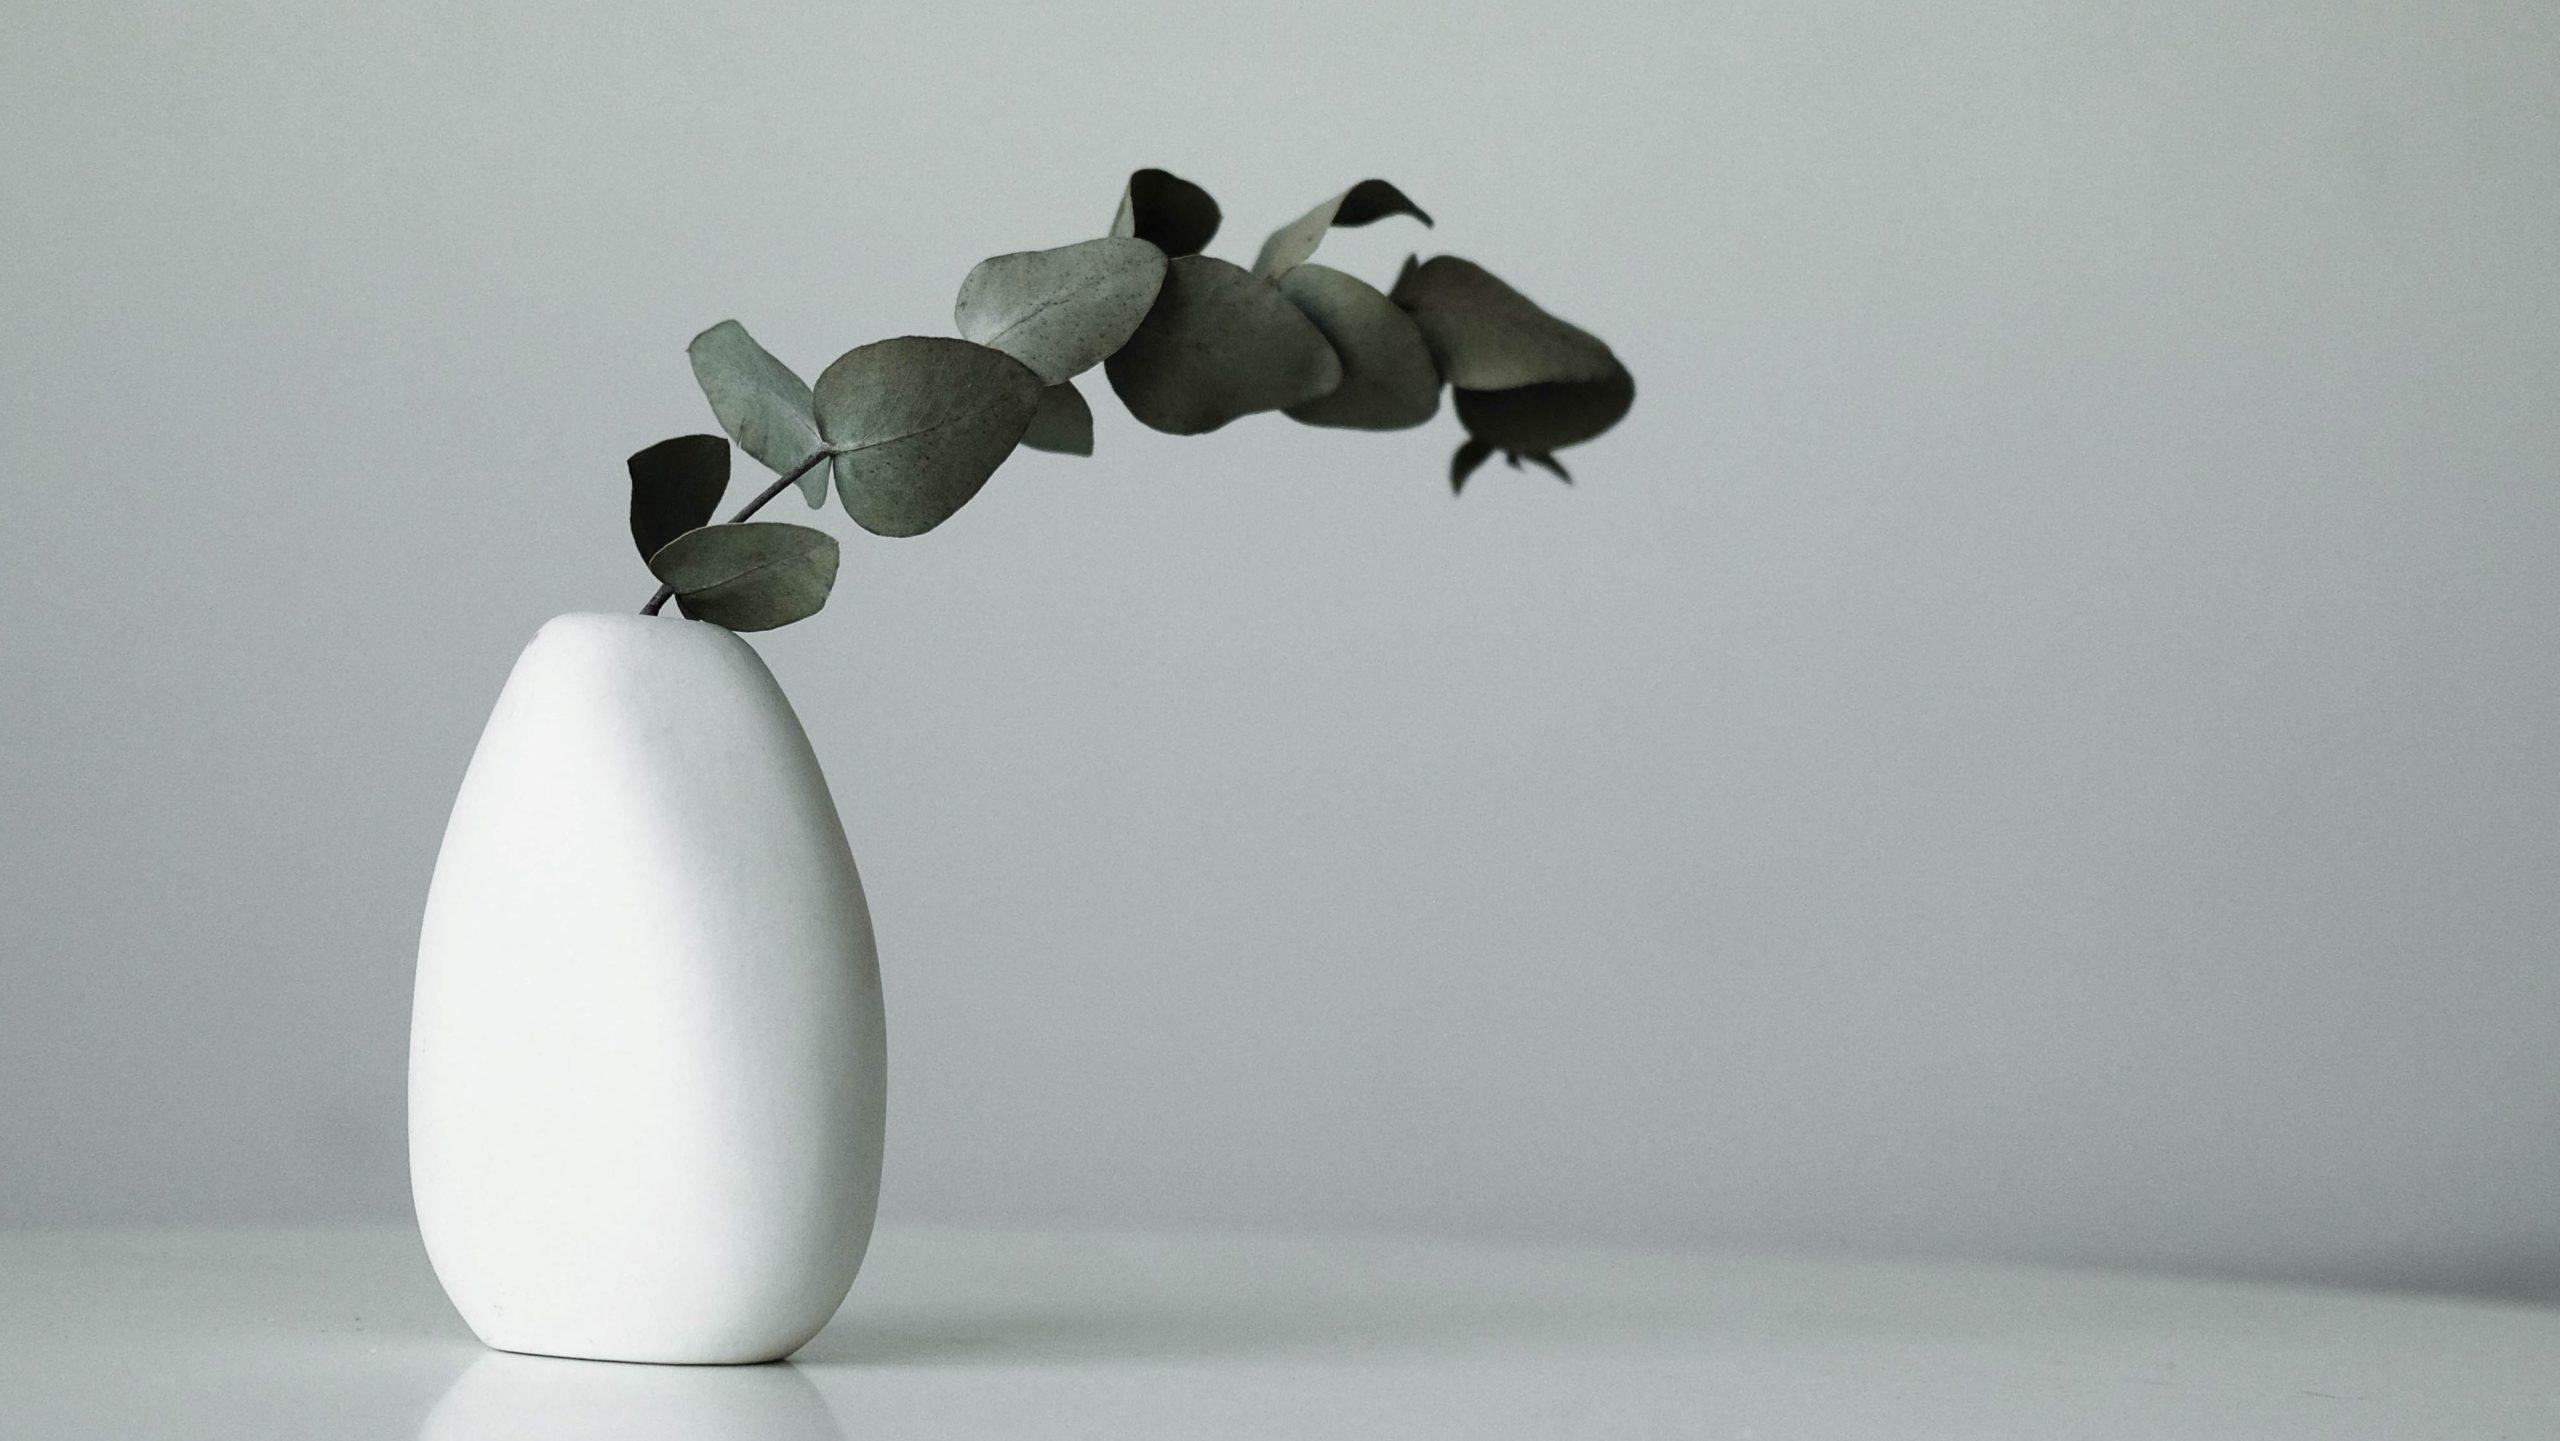 Virágcsokor a vázában